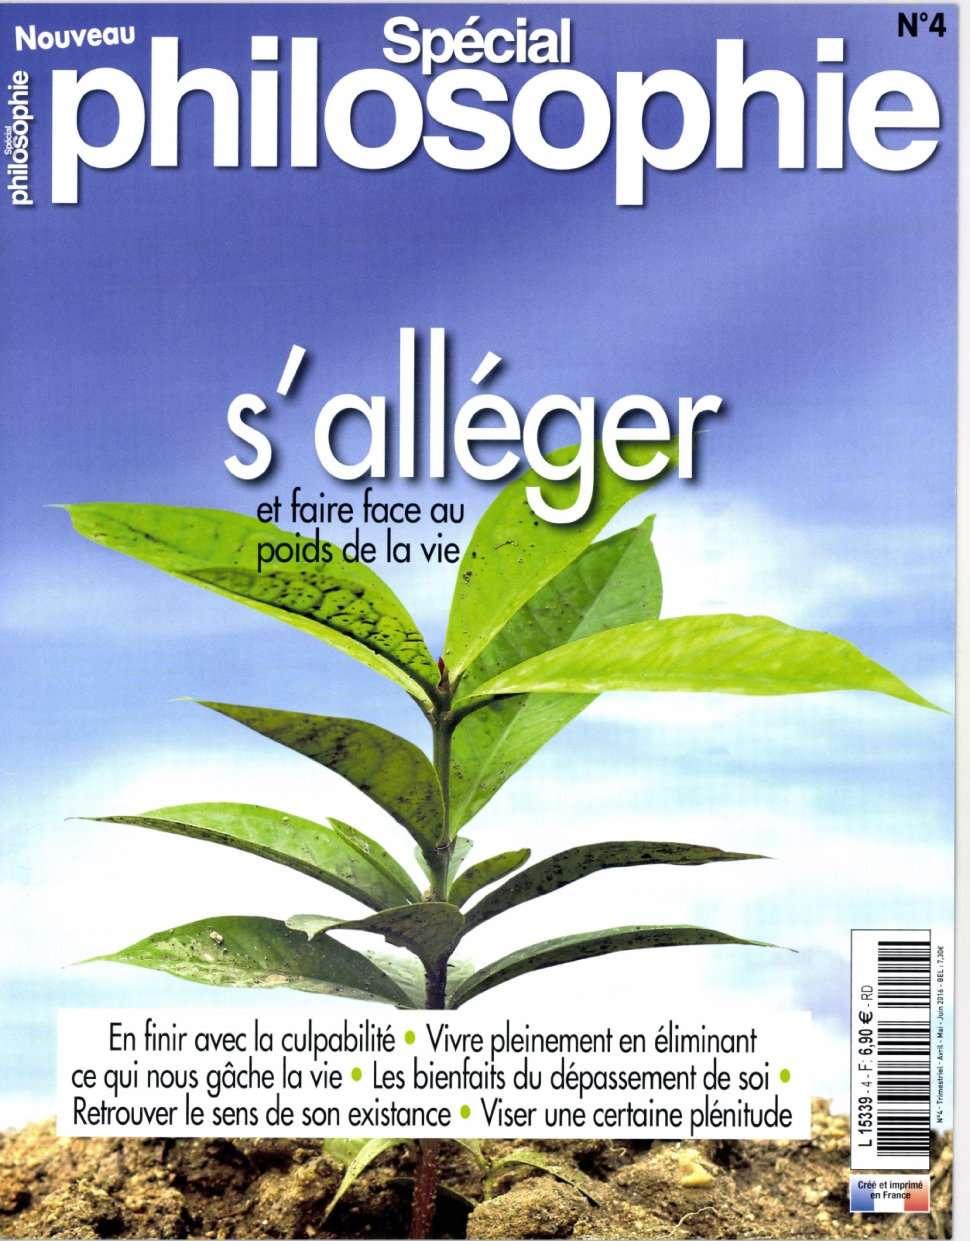 Spécial Philosophie 4 - Mai/Juin 2016